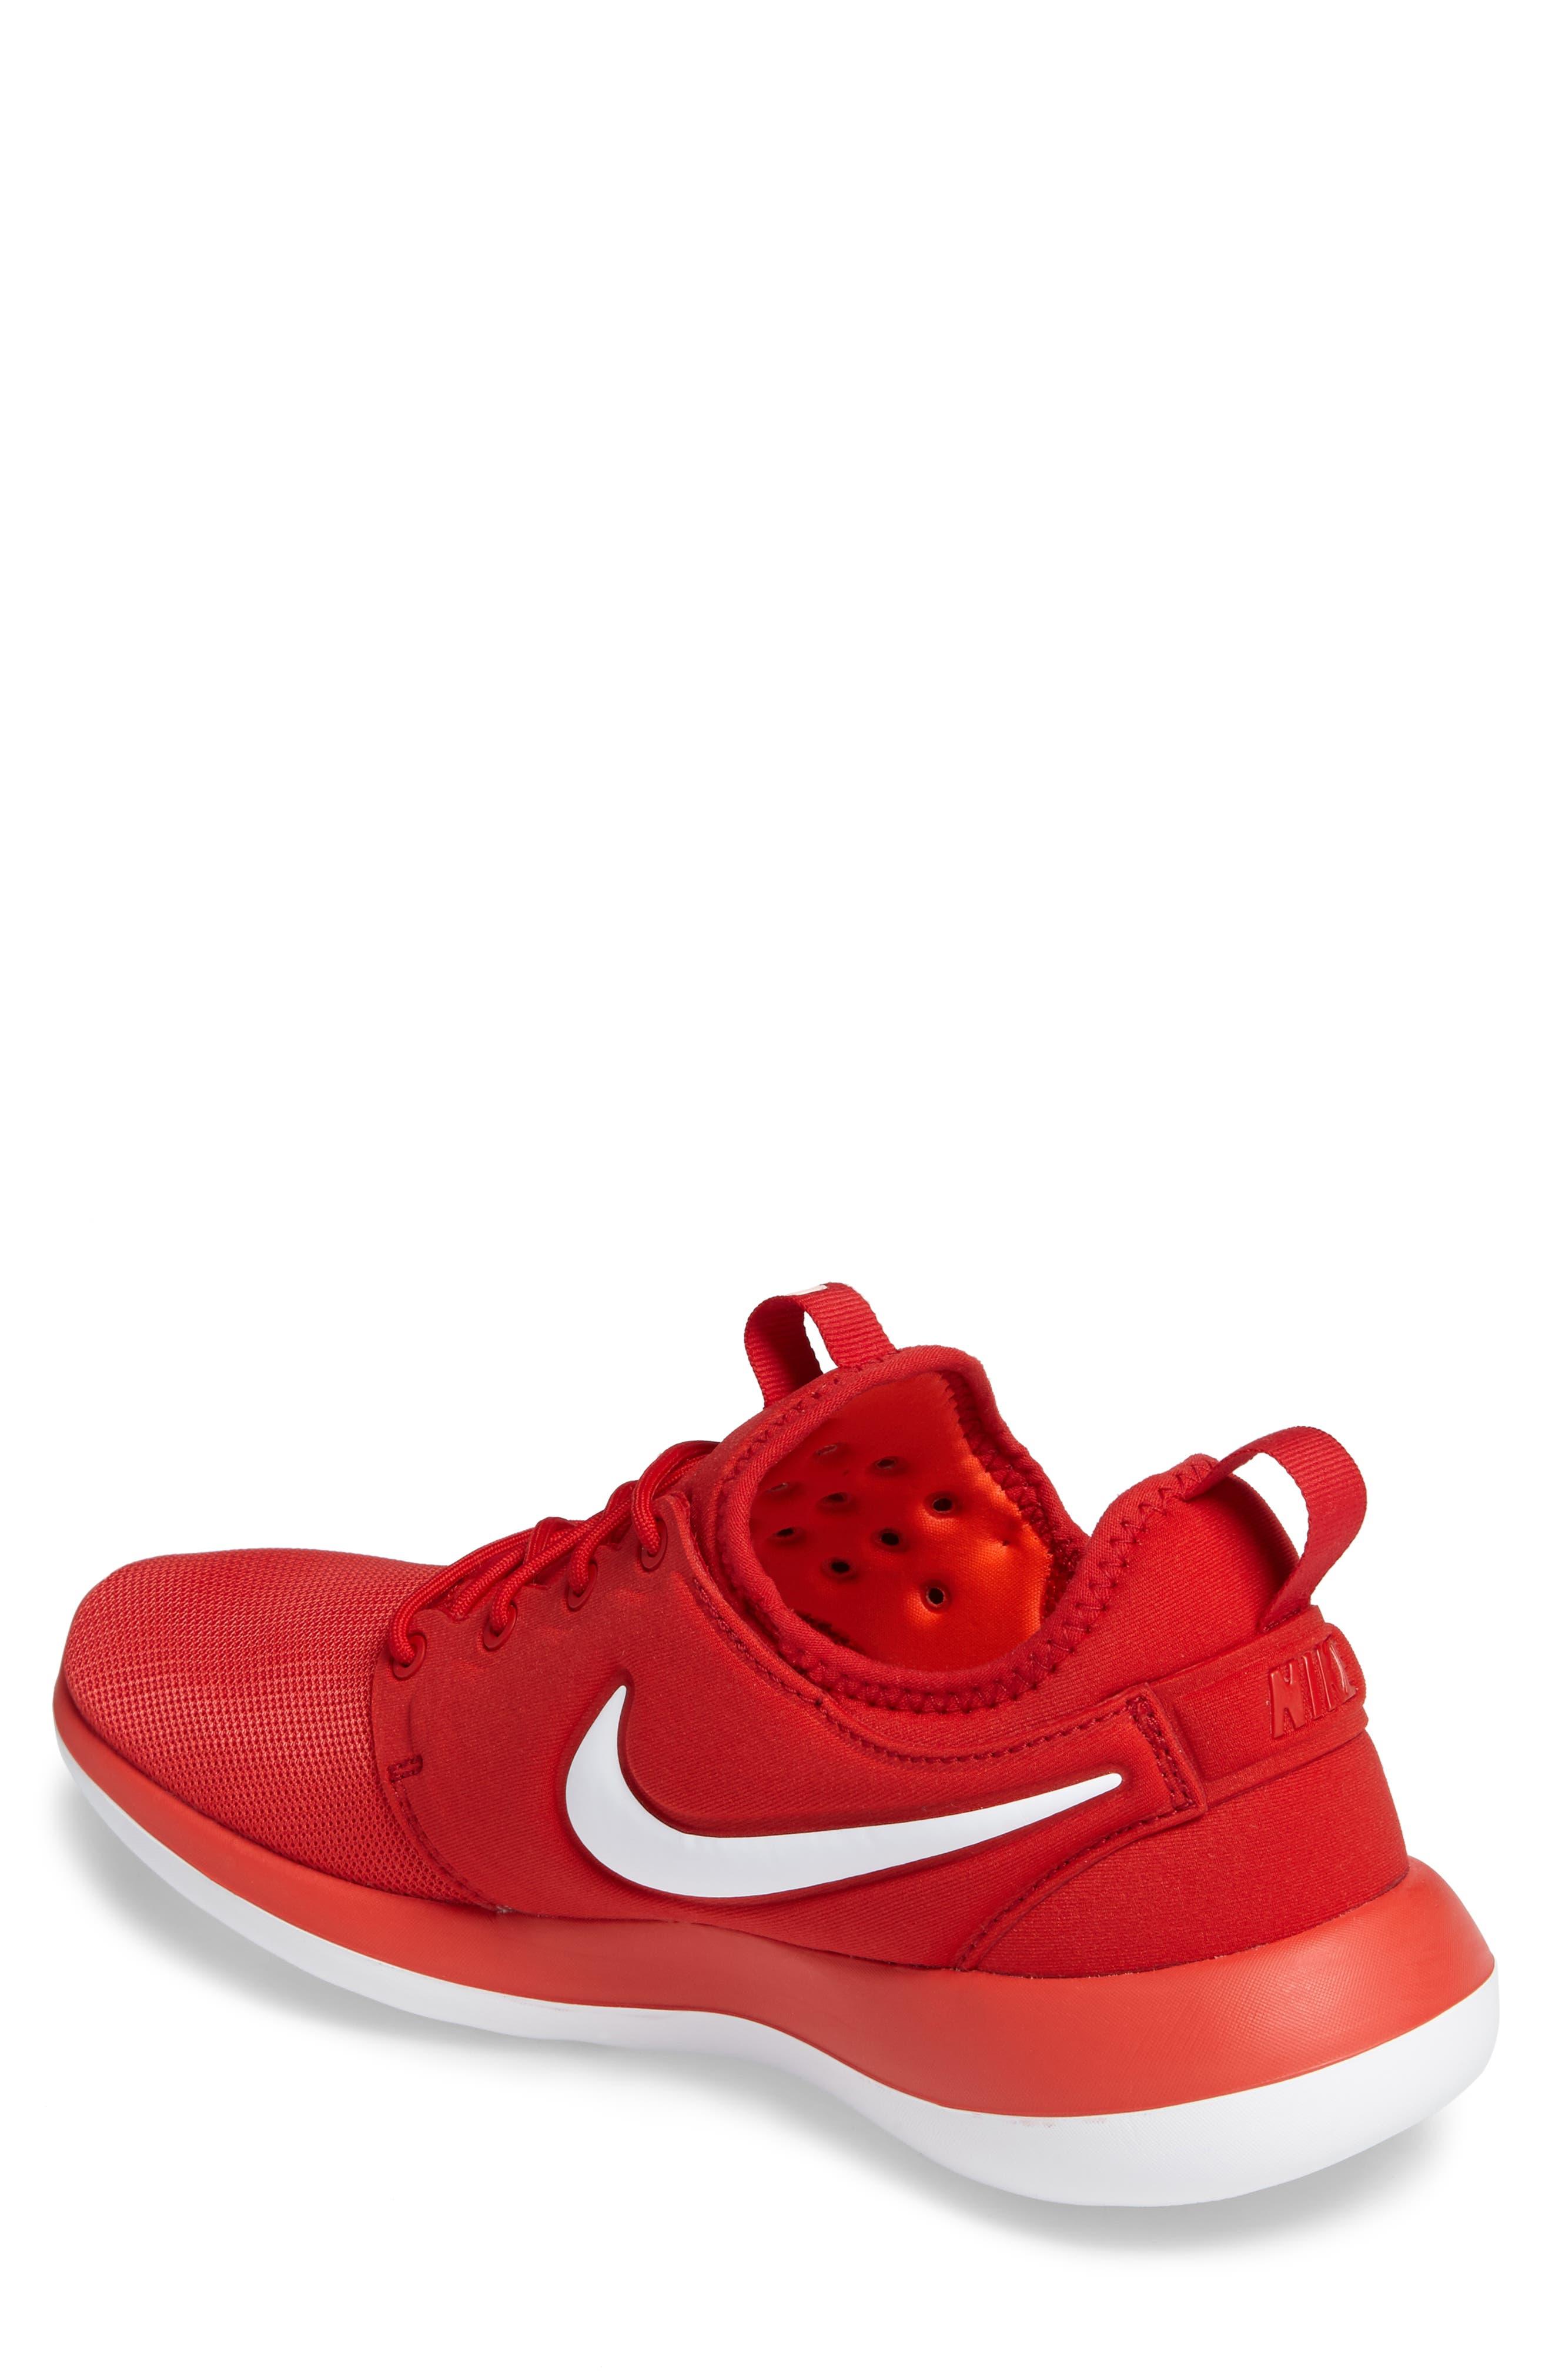 Roshe Two Sneaker,                             Alternate thumbnail 20, color,